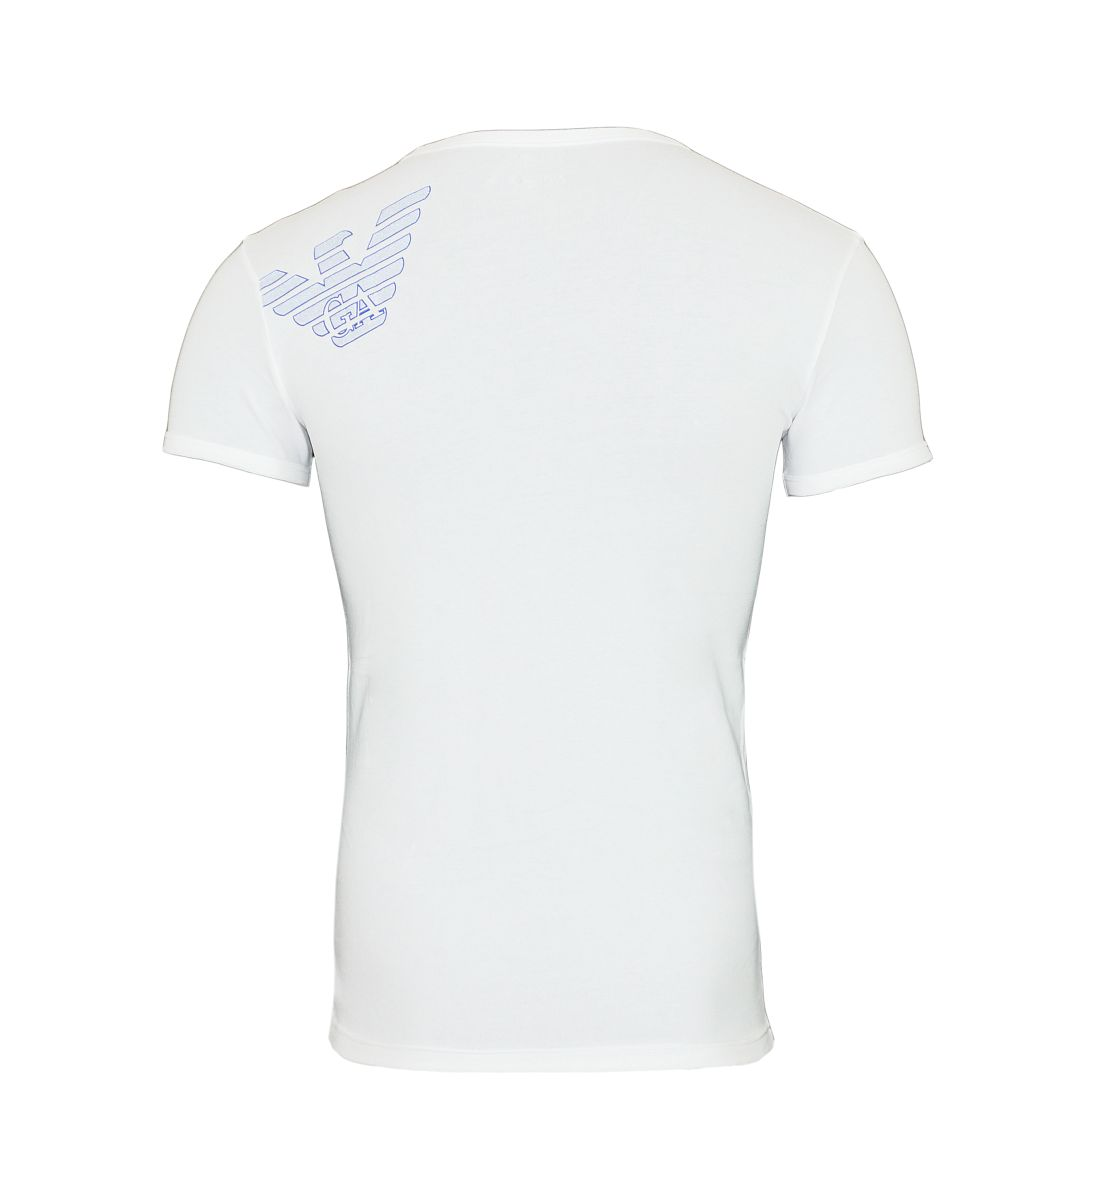 Emporio Armani T-Shirt Shirt V-Ausschnitt 110810 6A725 00010 BIANCO HW17-ART